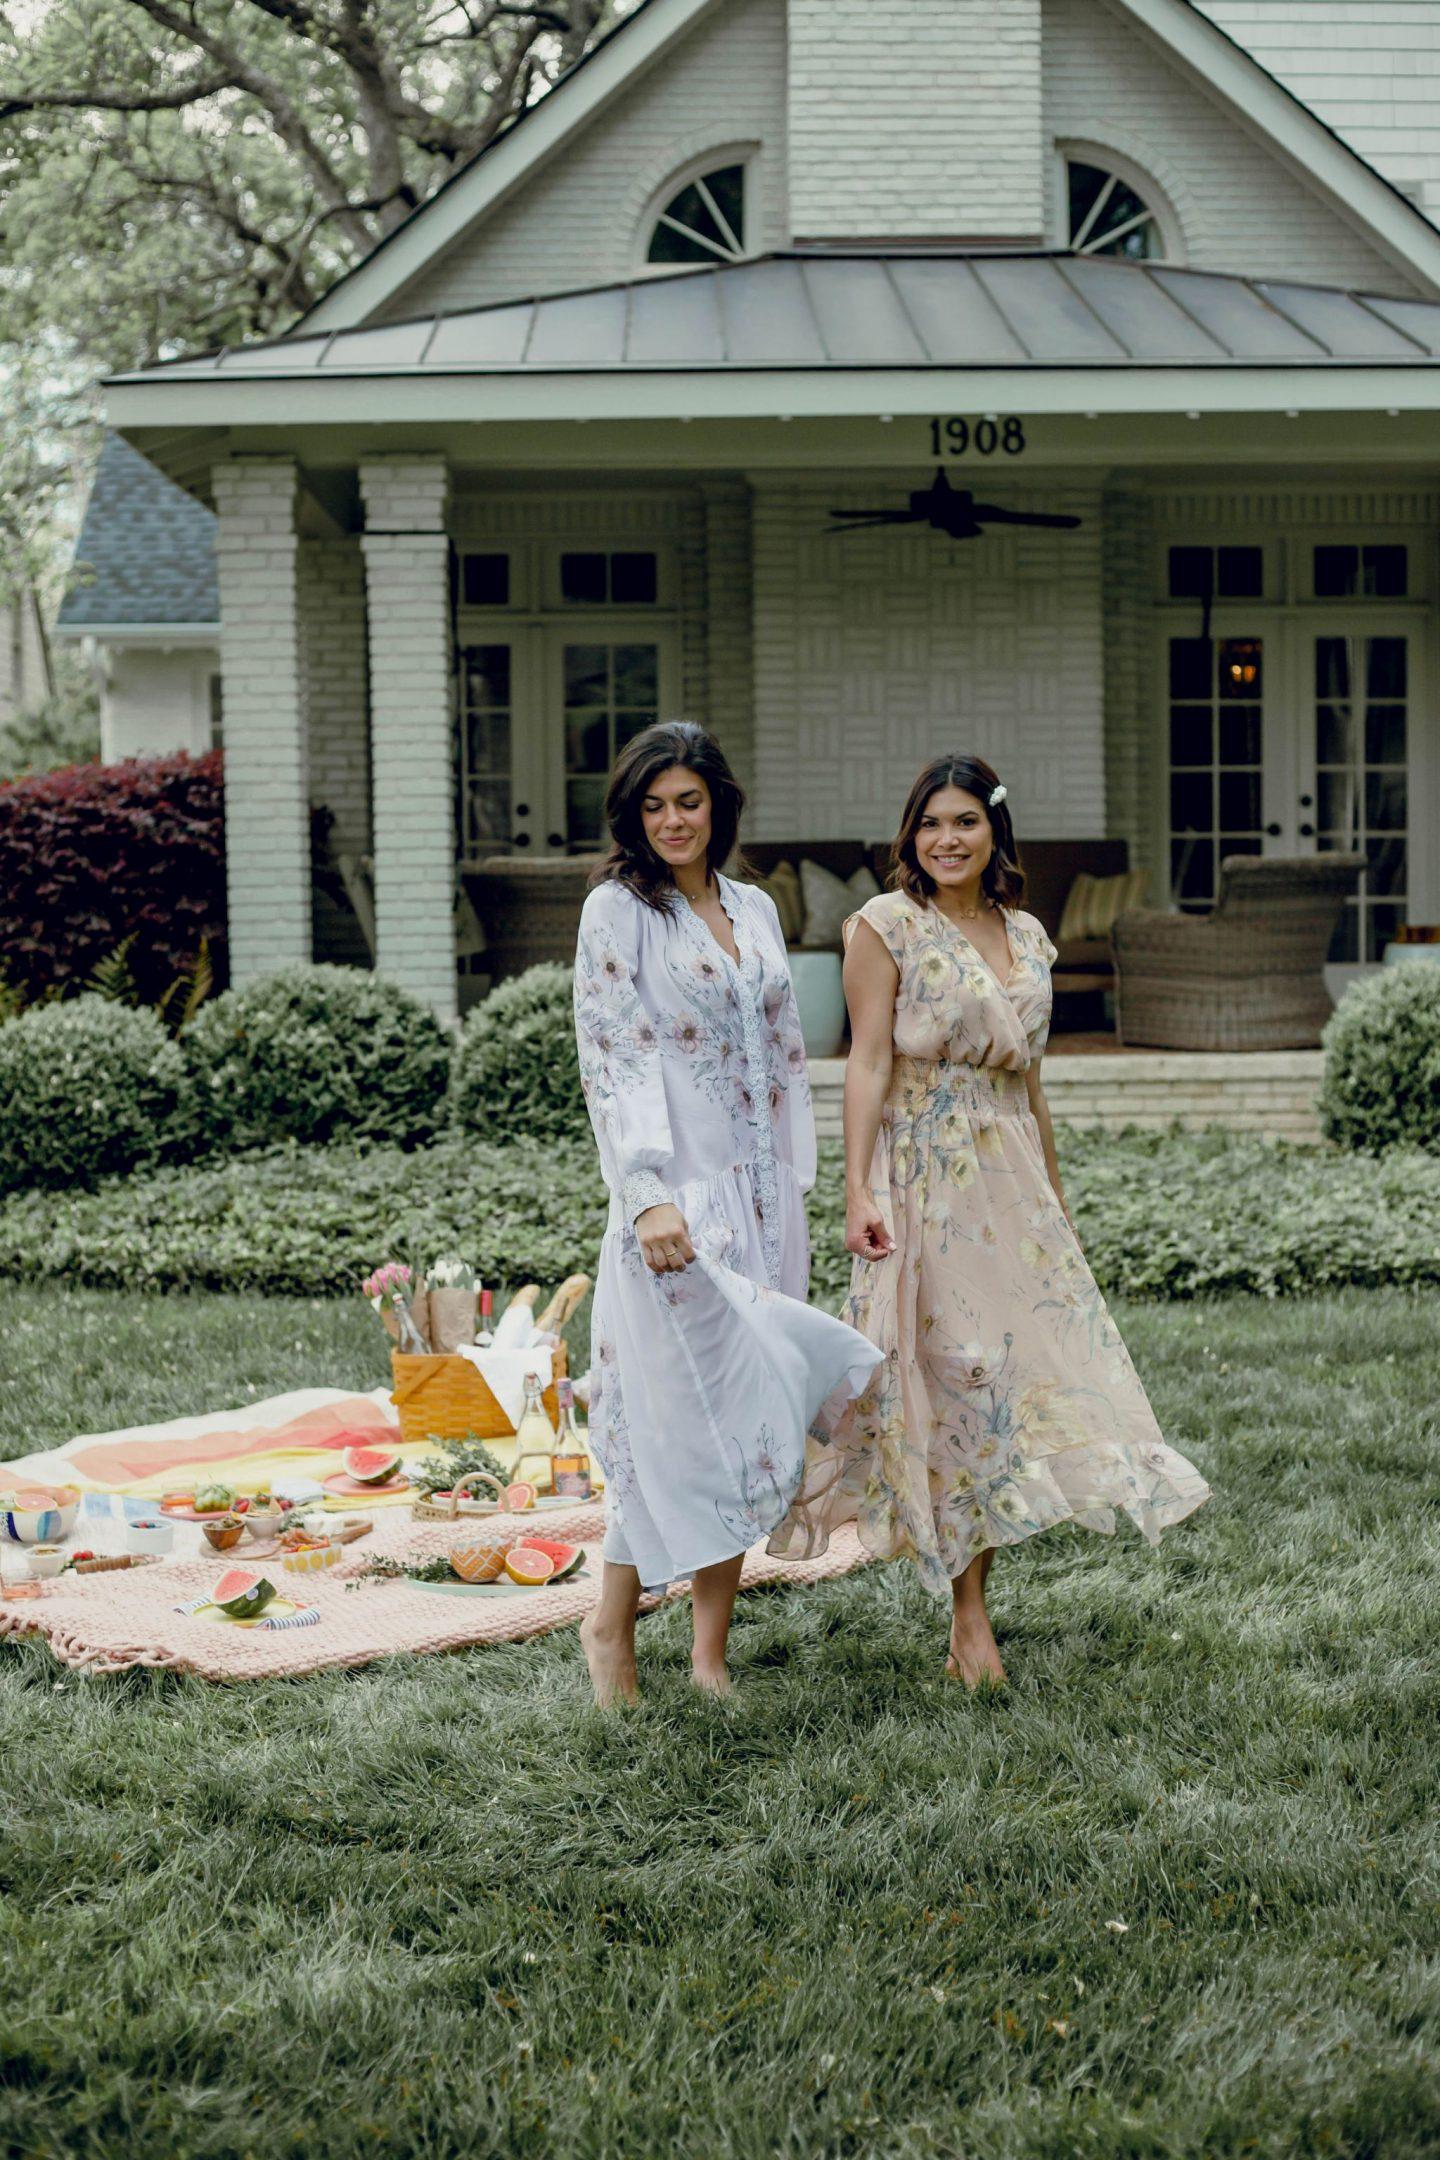 Lauren Schwaiger, Anna De Leon - Charlotte Influencers - HM Dresses - Boho Chic Style